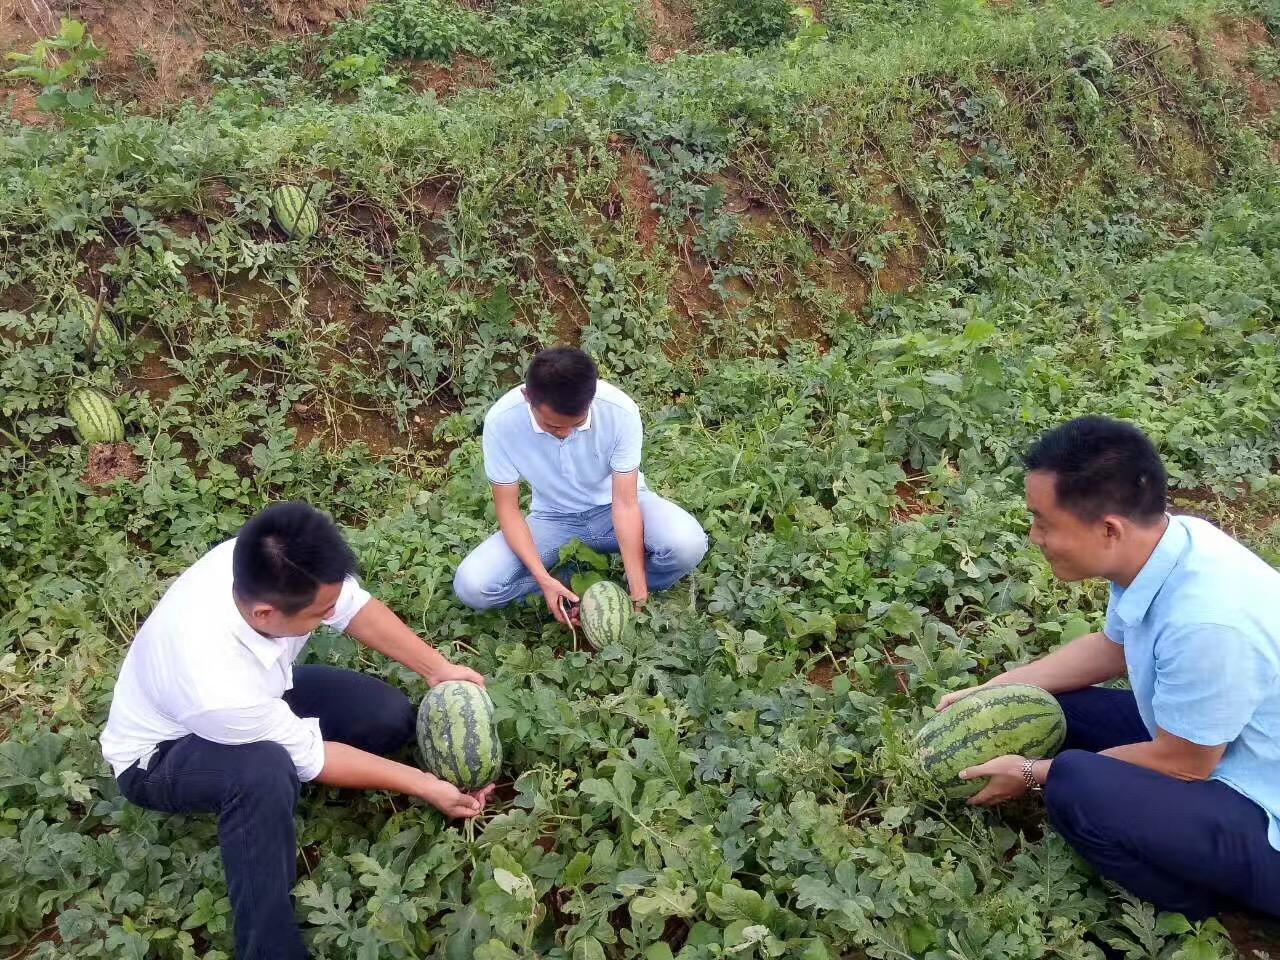 深圳周边农家乐松岗菜博士农场采摘西瓜